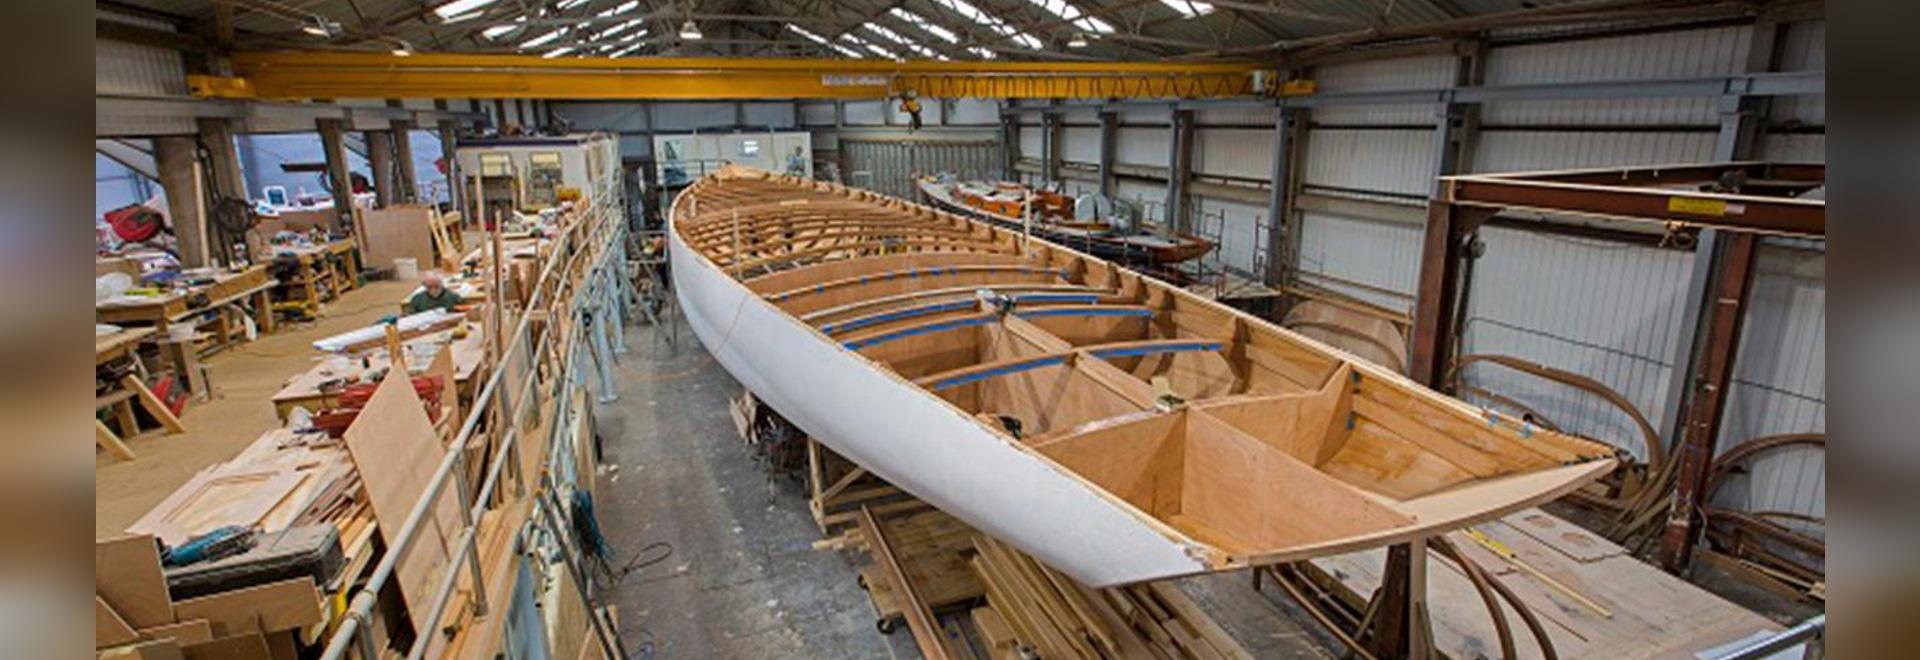 Bauaktualisierung auf Flaggschiffsegeljacht des Geistes 111